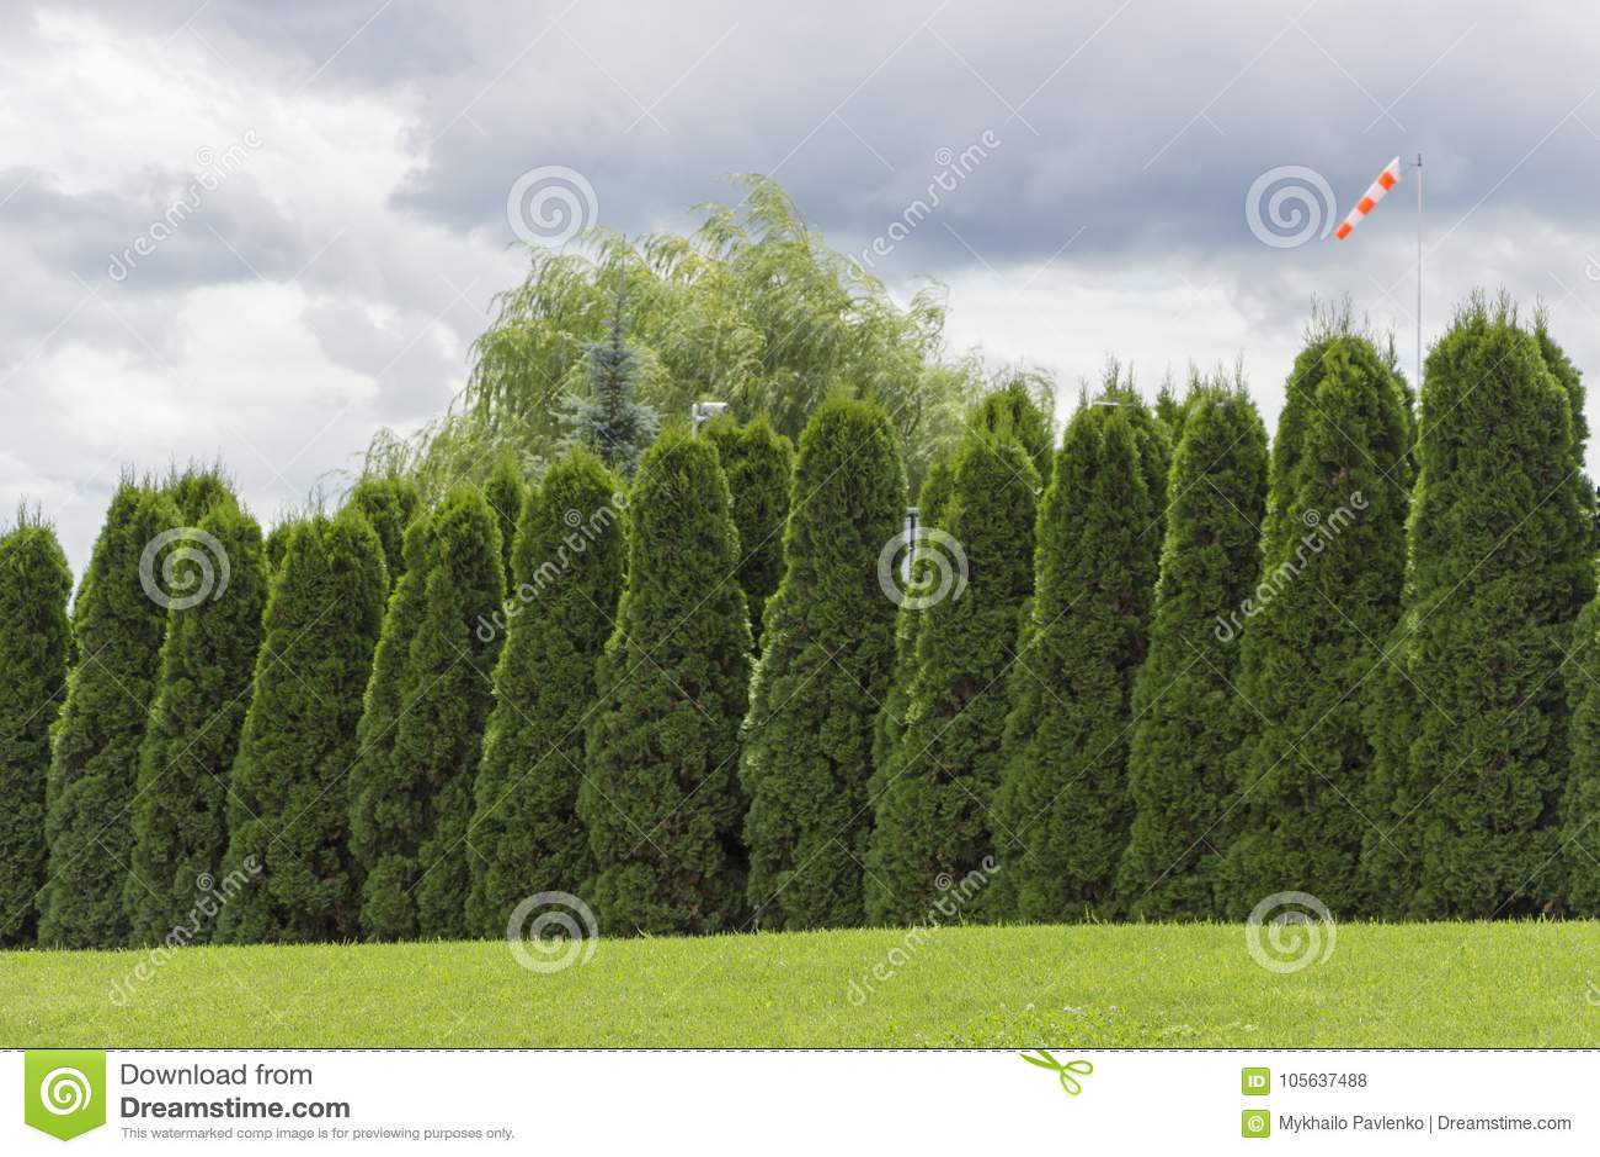 Foto Di Piante Sempreverdi frammento di una barriera rurale del recinto dalle piante